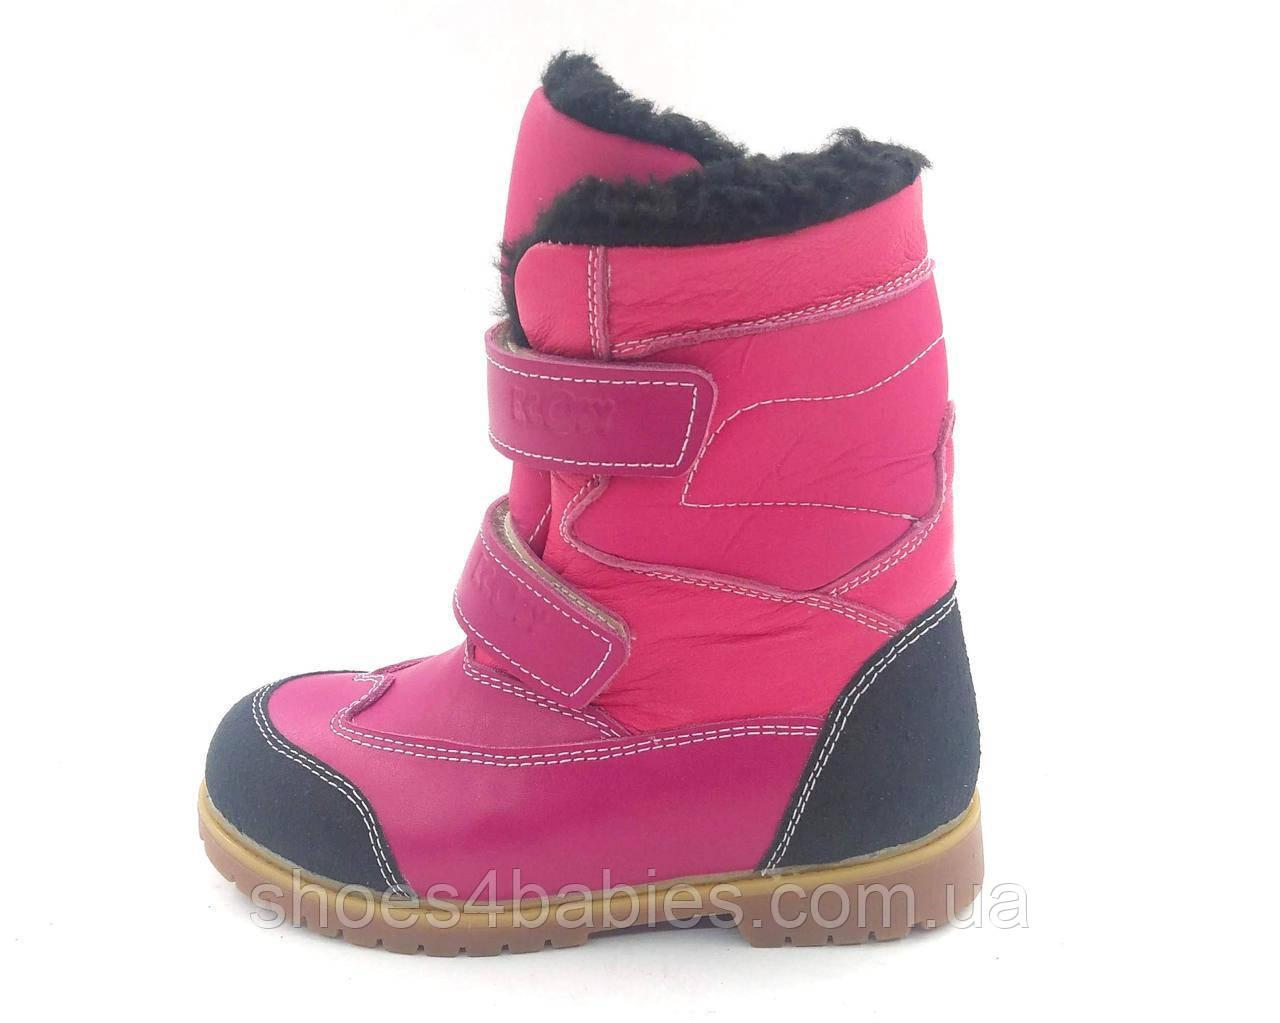 Зимние ортопедические ботинки Ecoby р. 20-32 модель 214F